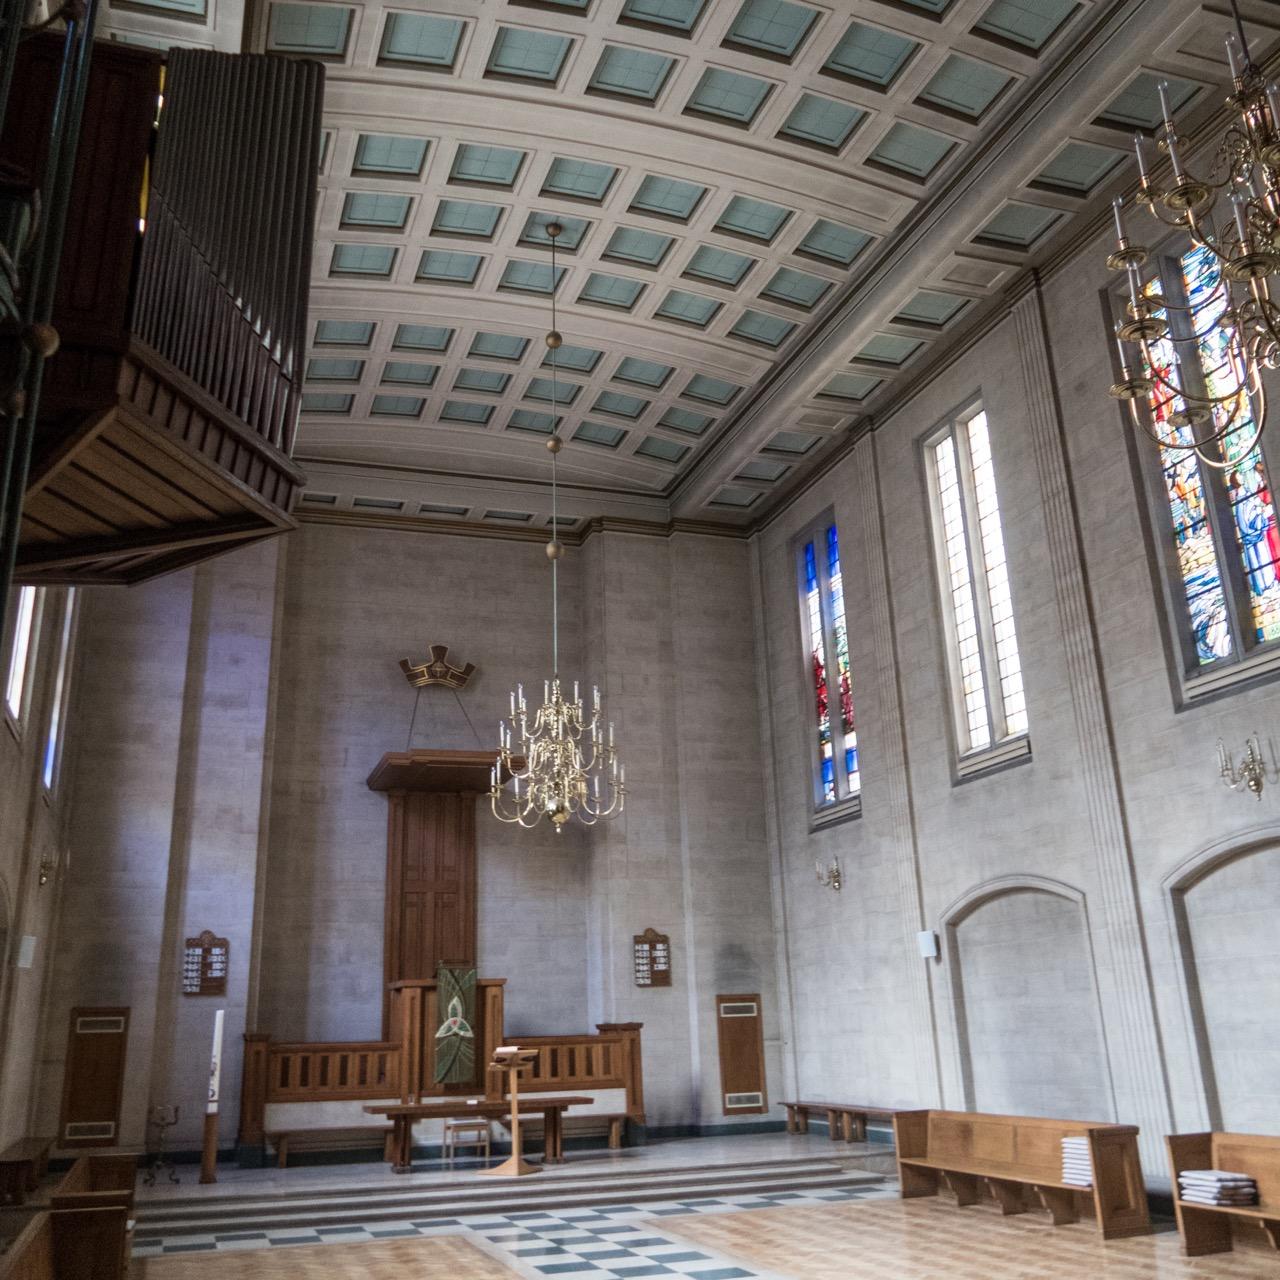 Dutch Church, interior view